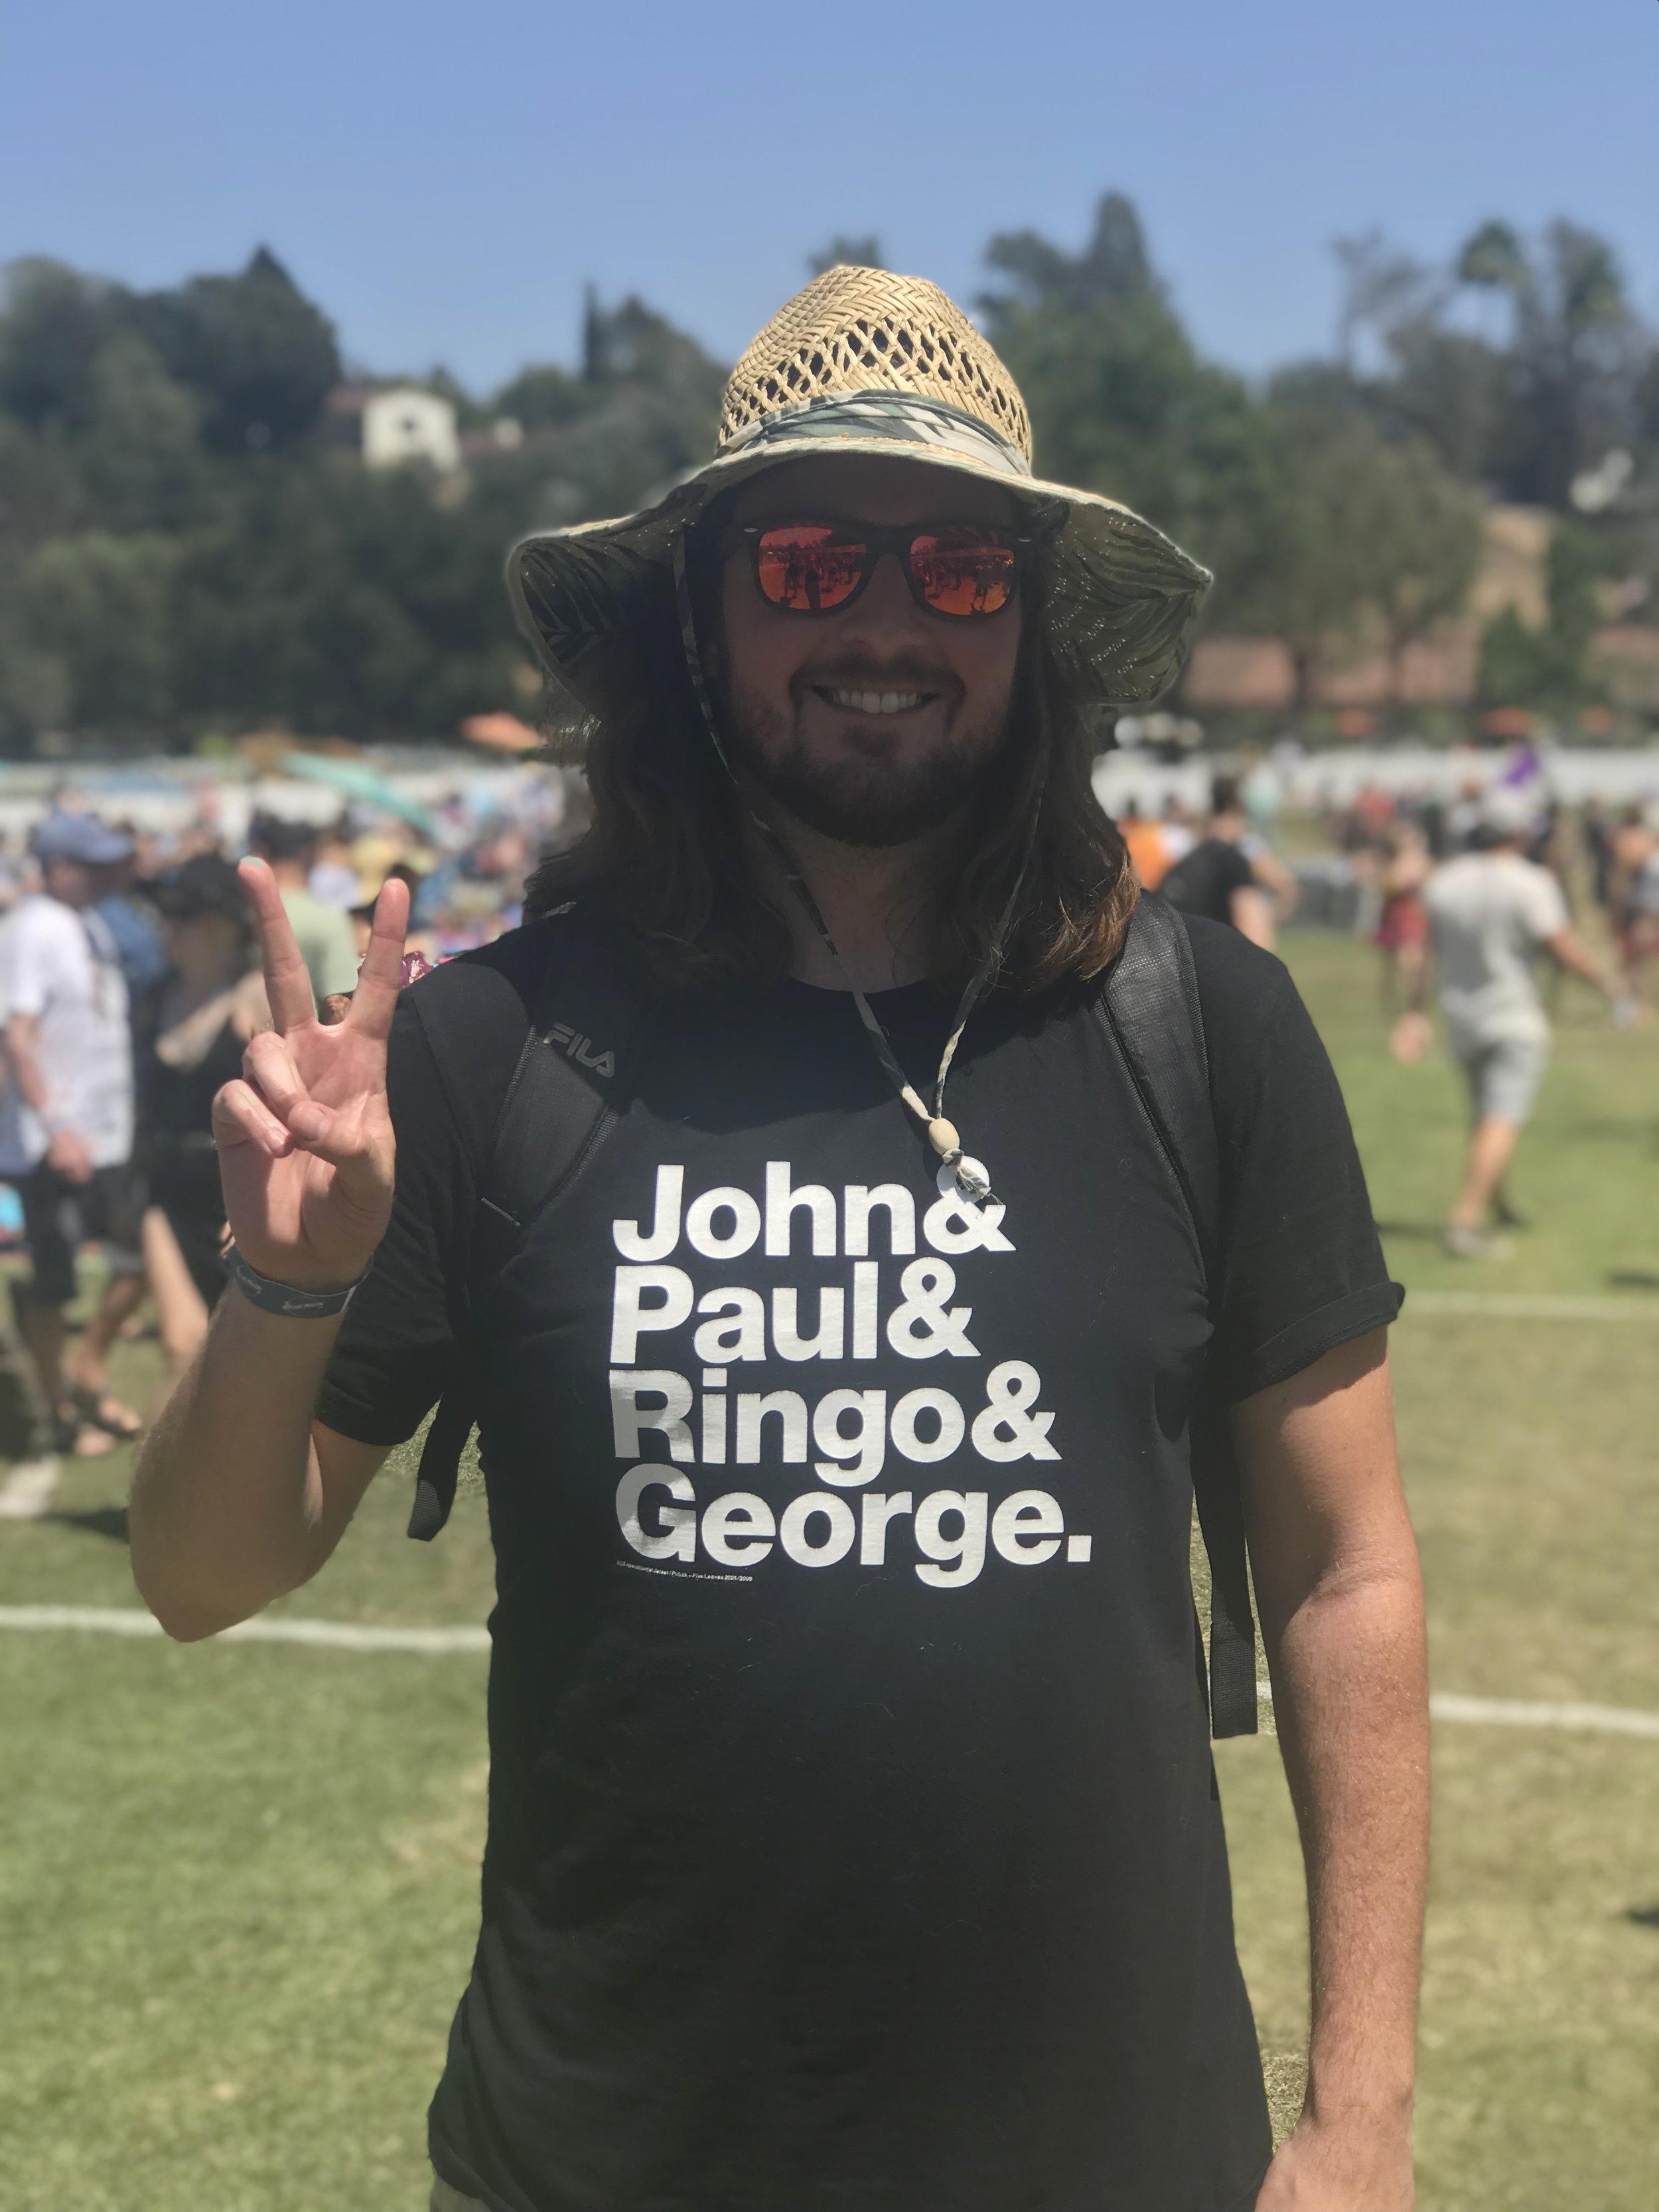 A Beatles fan near The Oaks stage.